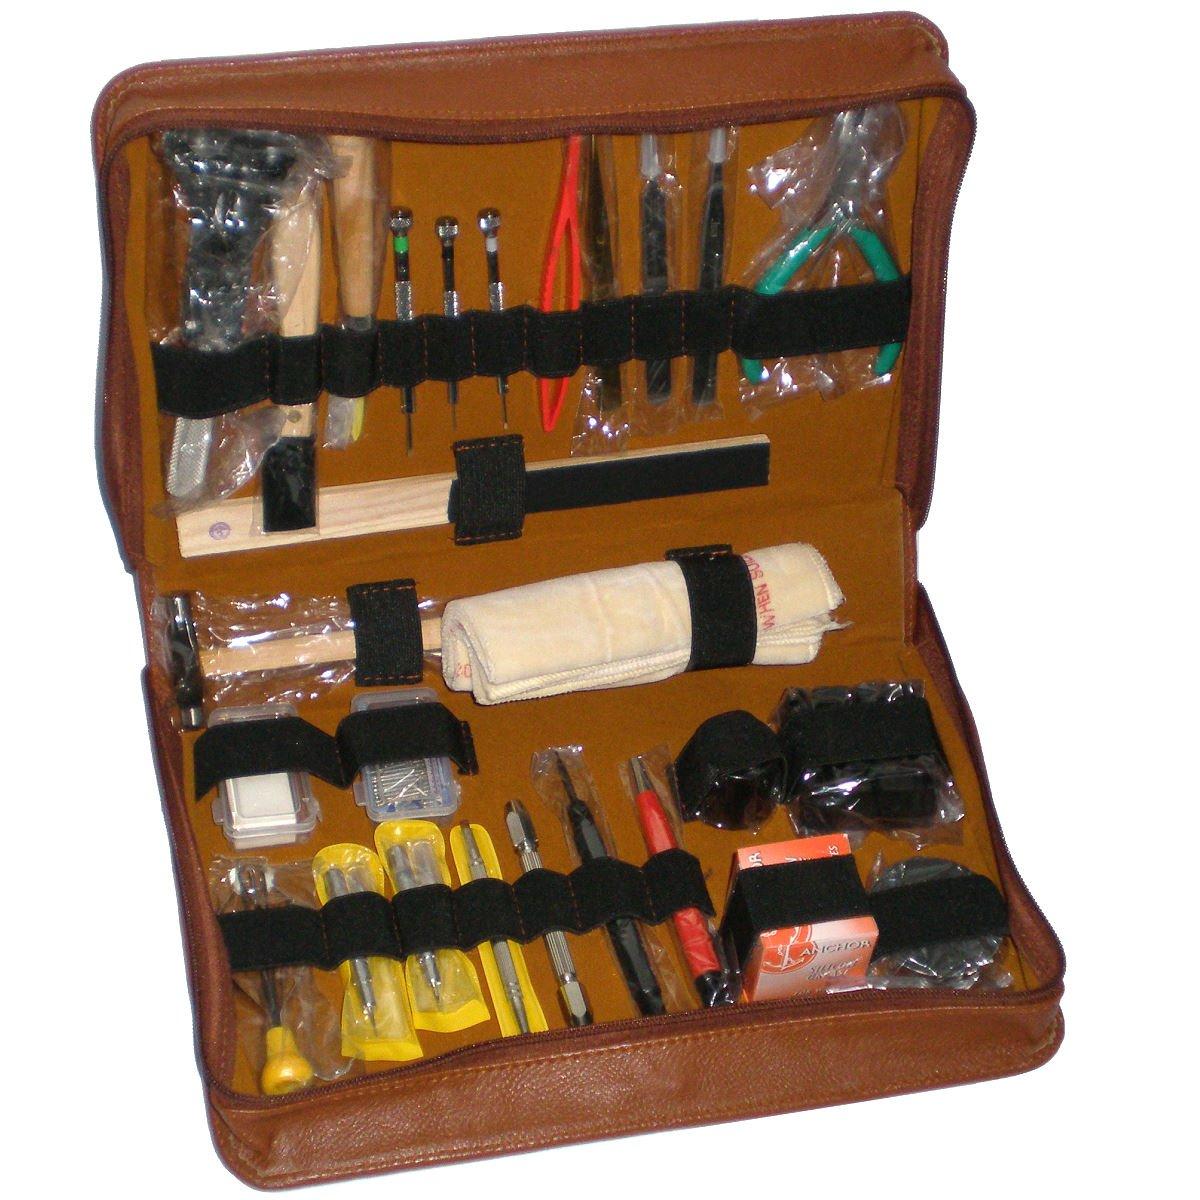 Großes Werkzeugset EXQUISITE mit braunem PU-Leder-Etui